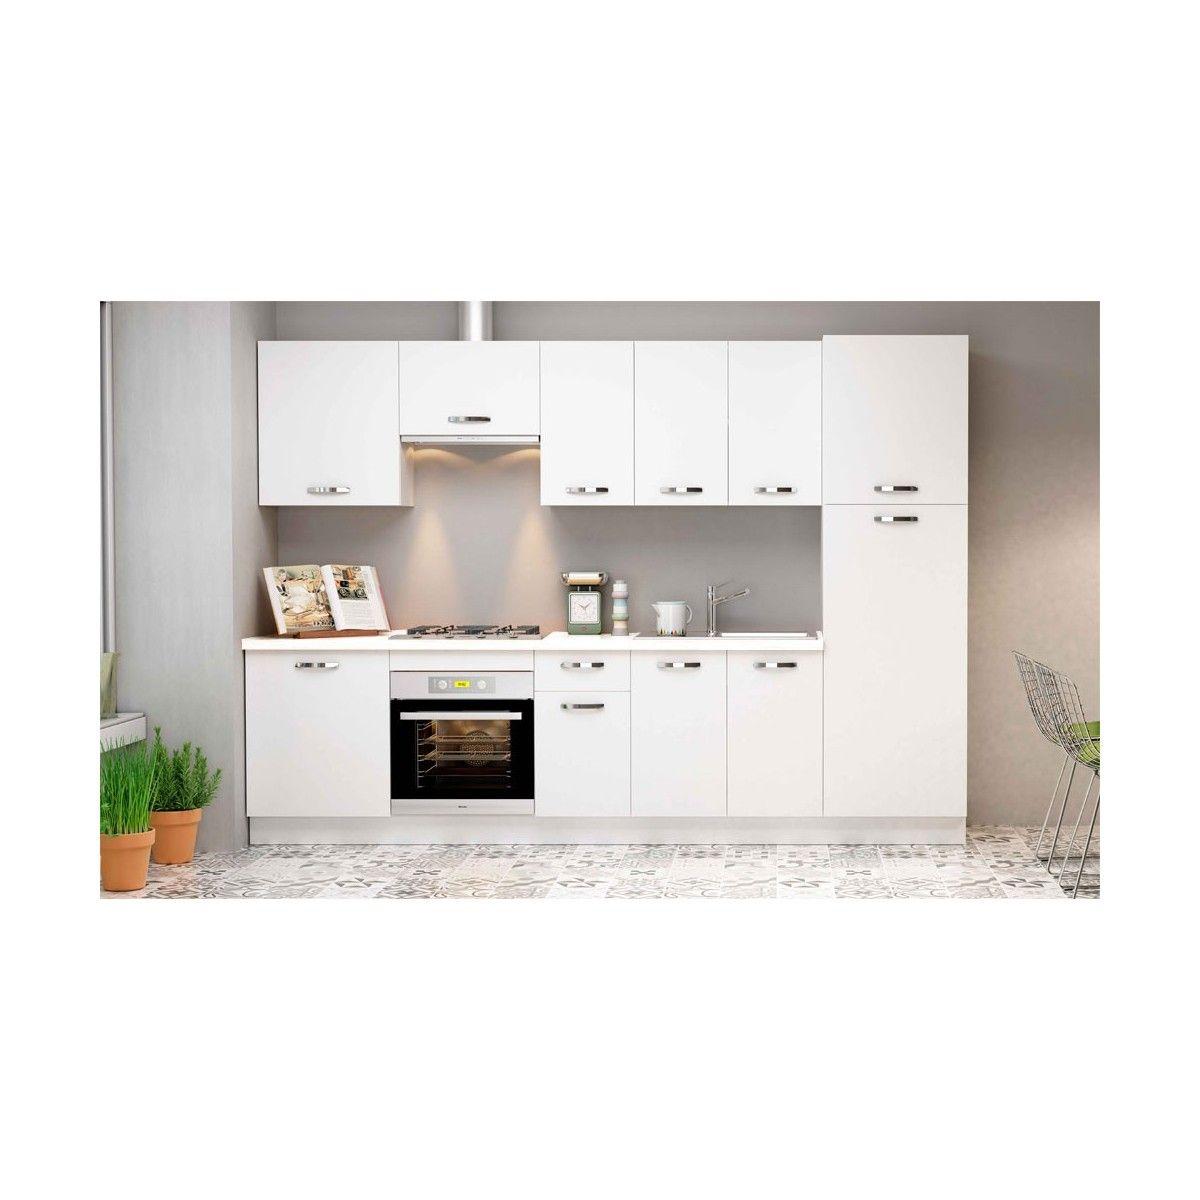 Muebles de cocina baratos MARTA en color blanco |Muebles ...